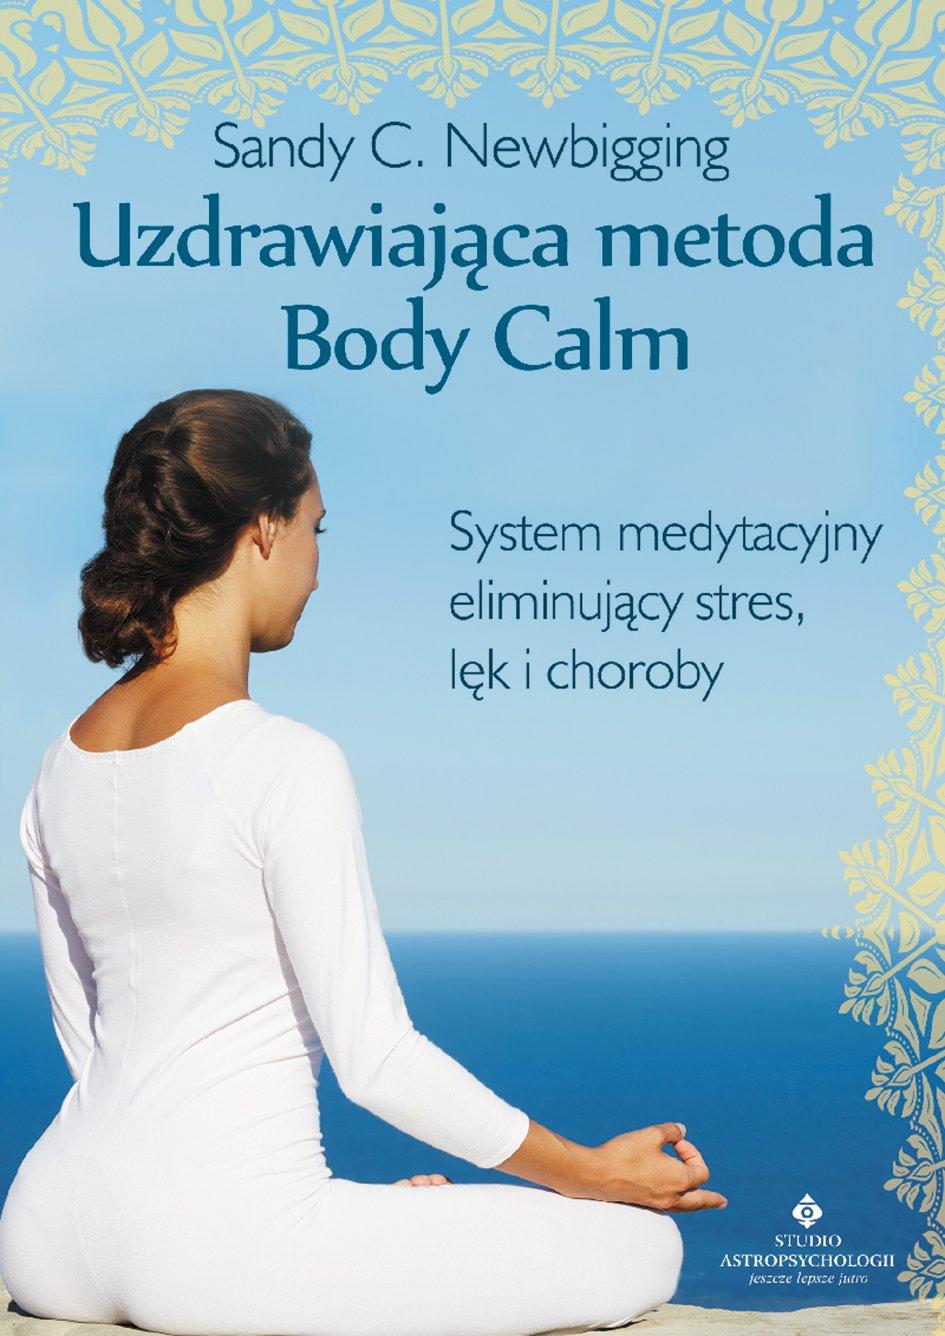 Uzdrawiająca metoda Body Calm. System medytacyjny eliminujący stres, lęk i choroby - Ebook (Książka PDF) do pobrania w formacie PDF